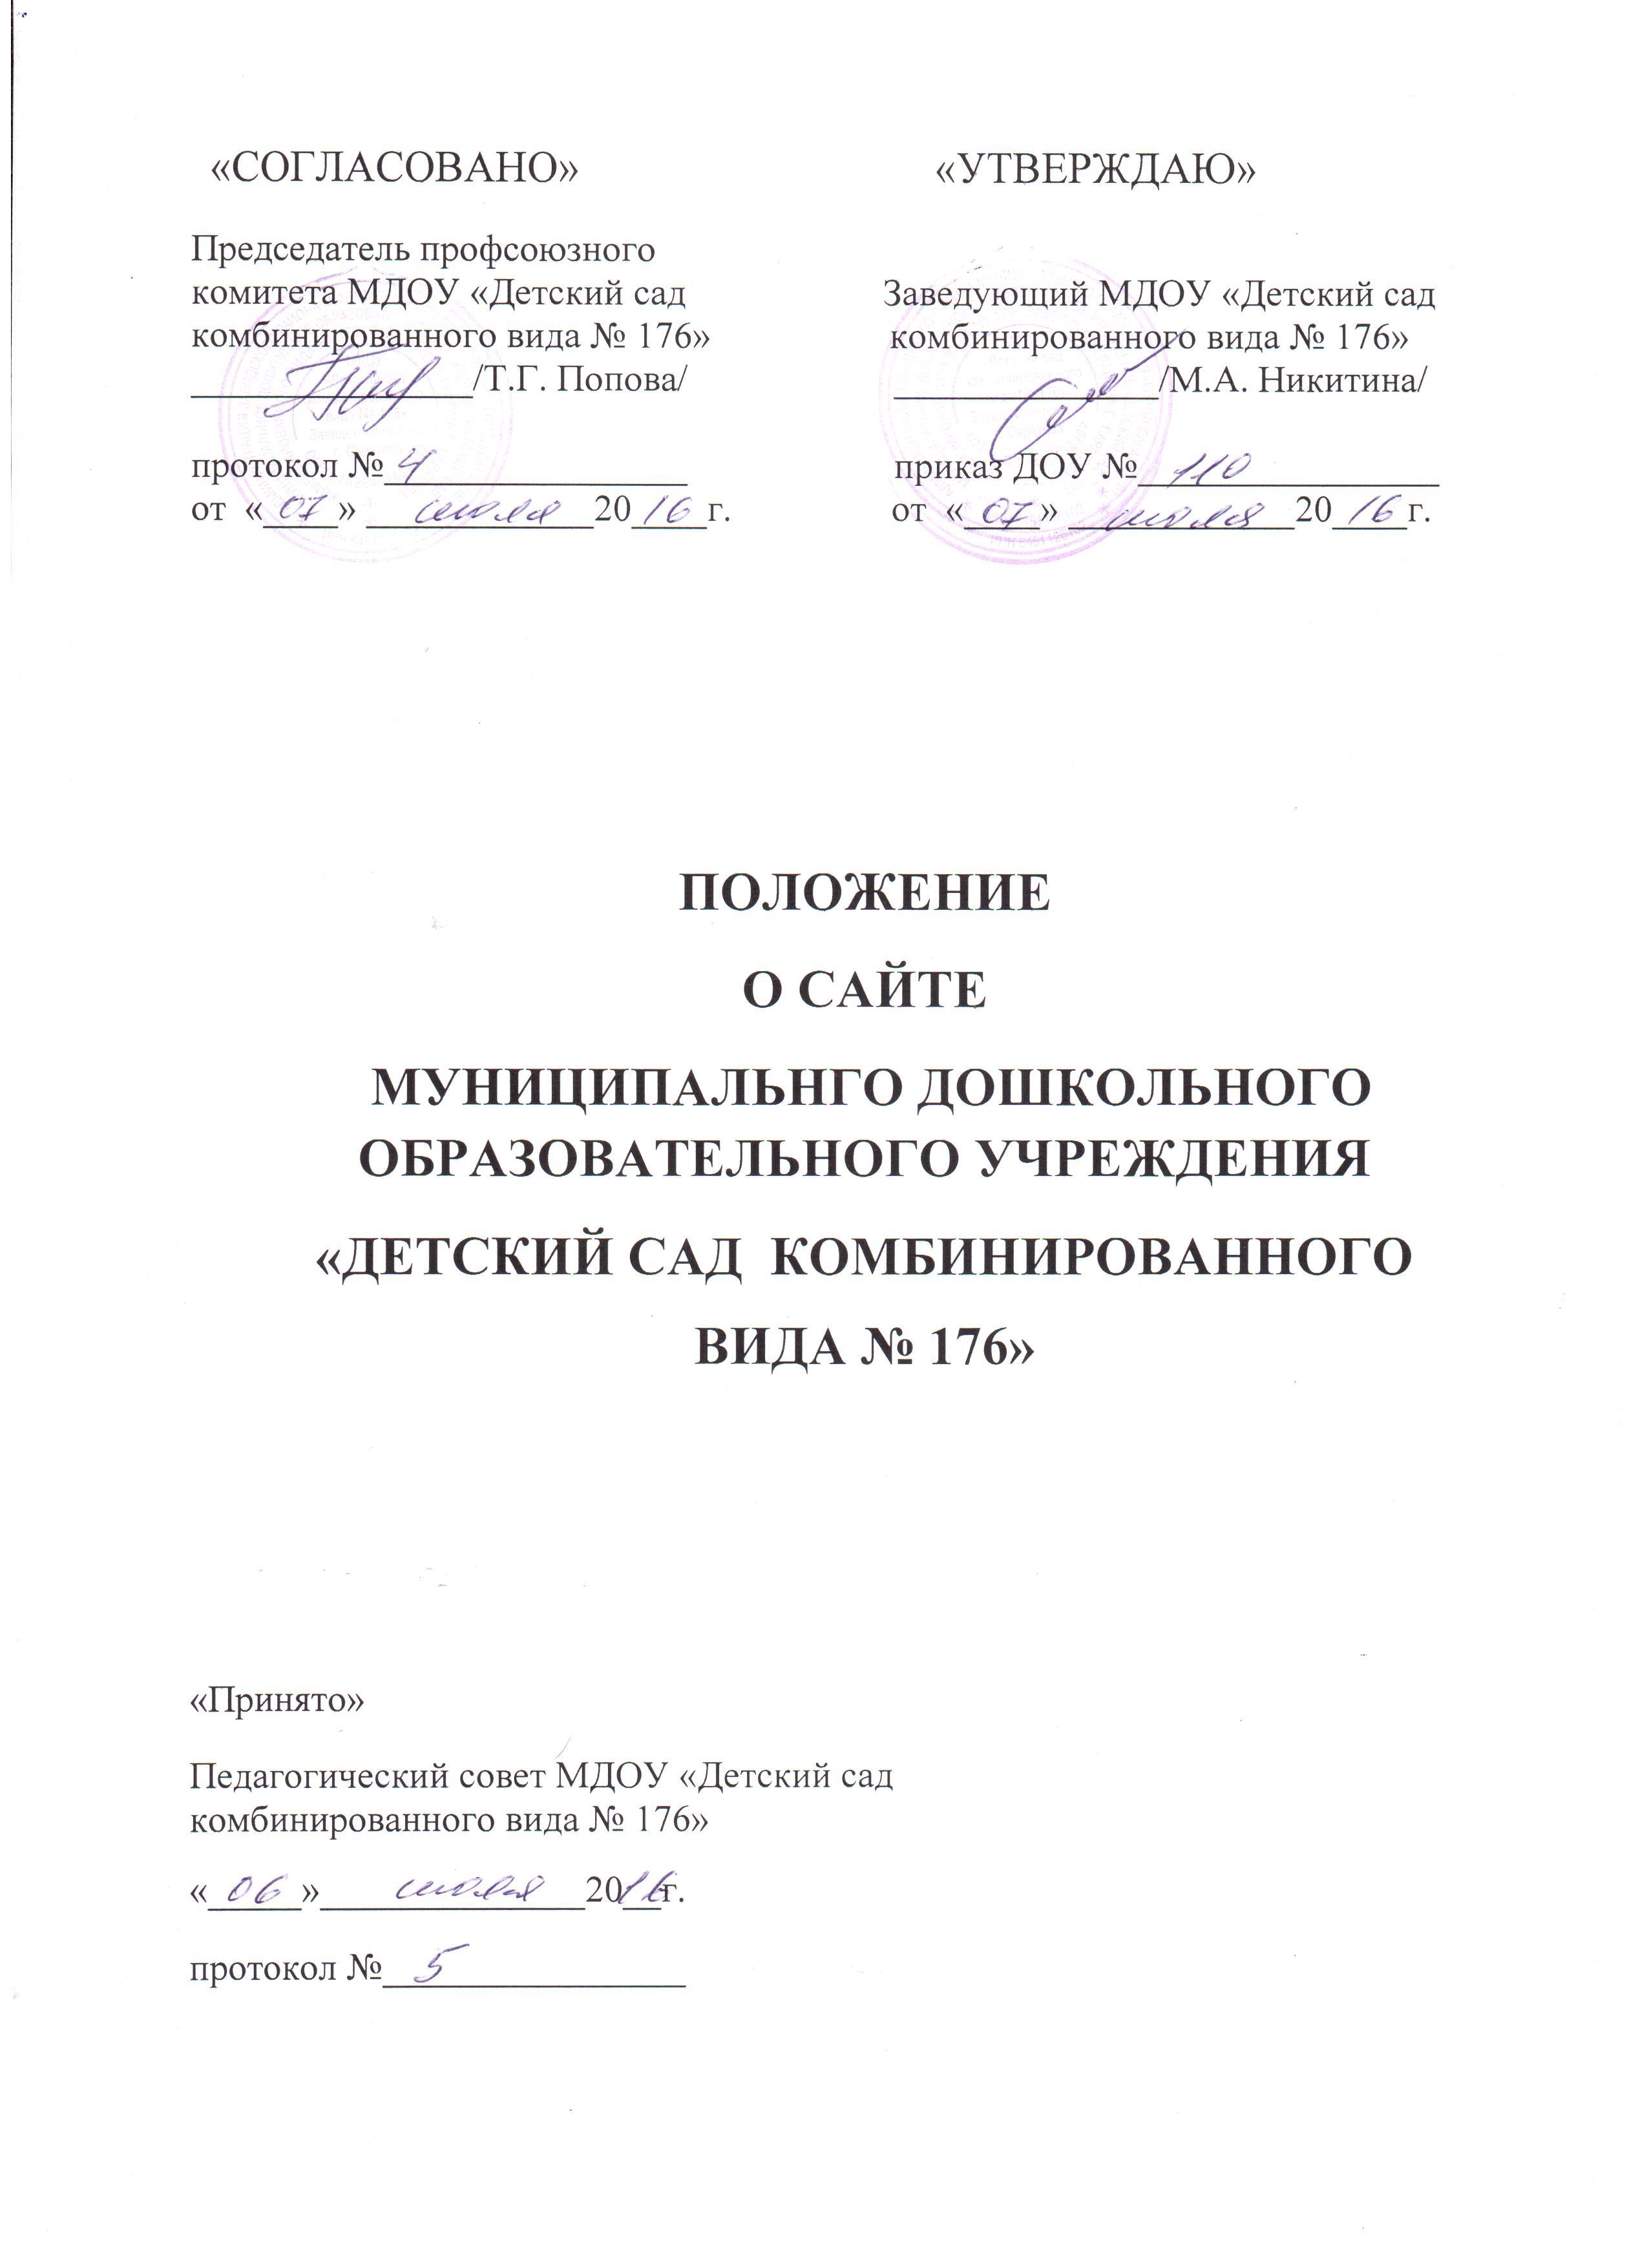 сайт должностных инструкций работников образовательного учреждения